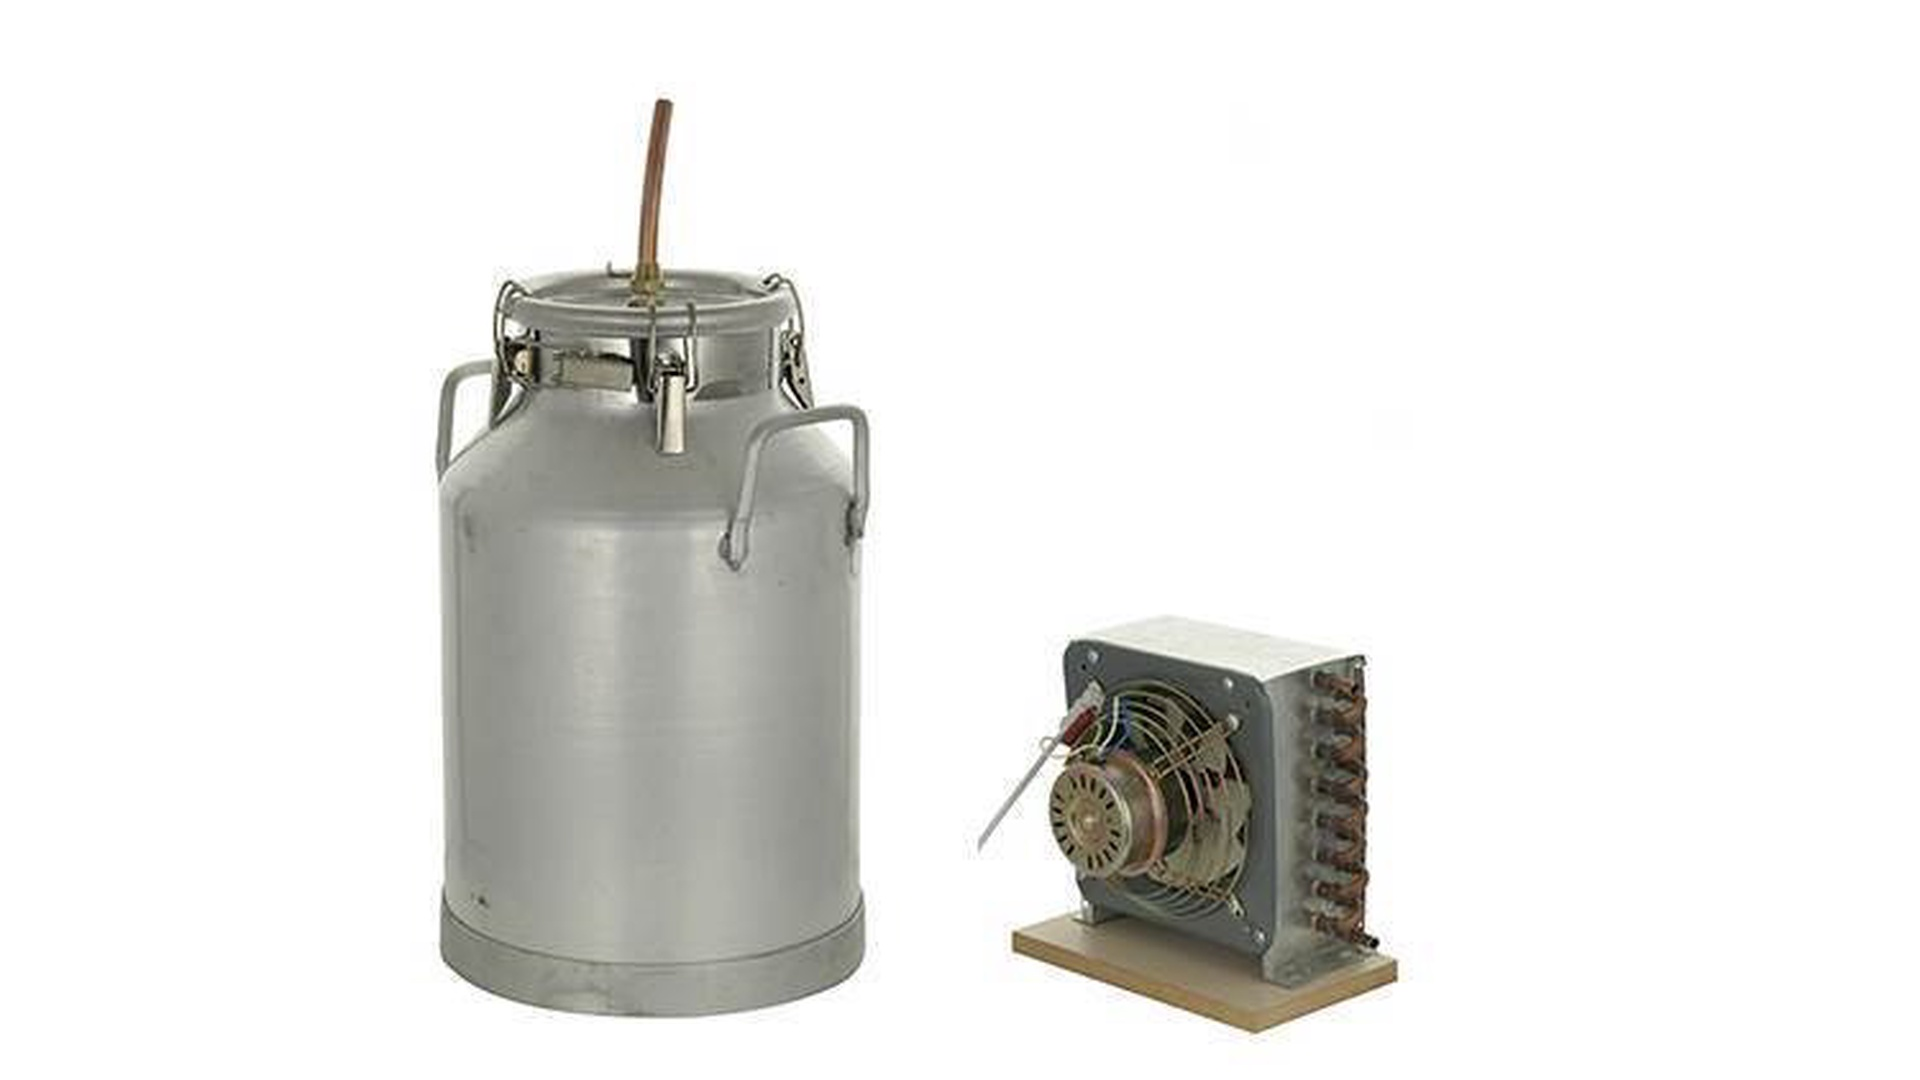 دستگاه تقطیر 20 لیتری پنج چفت با کنداسور برقی مدل 16211